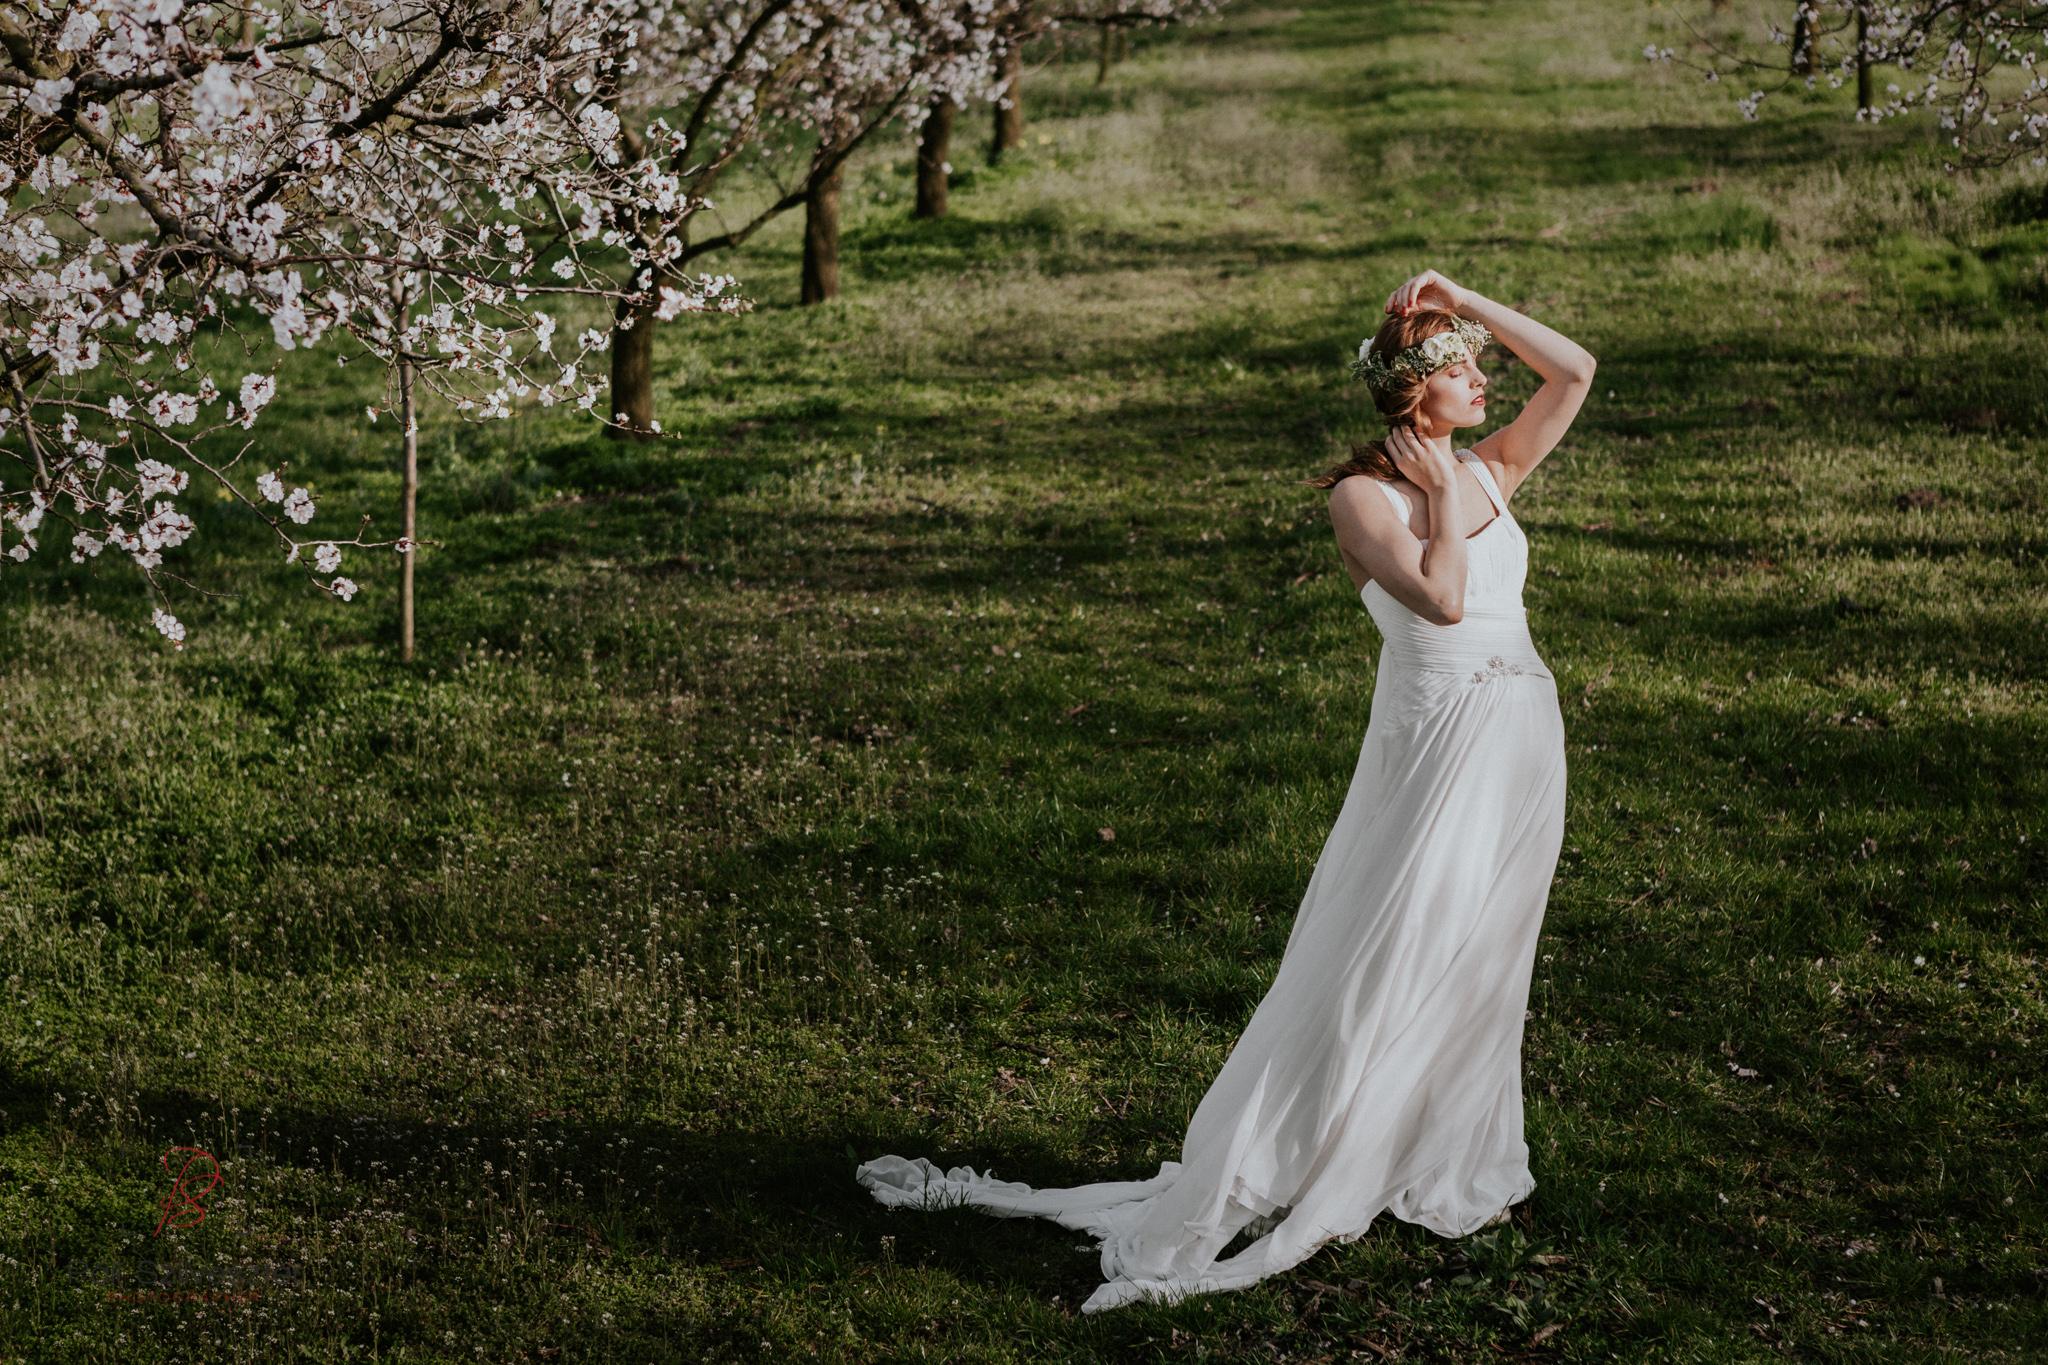 Páli-Szilveszter-székesfehérvári-esküvői-fotós-velence-barackos-2016-03-31-2250.jpg